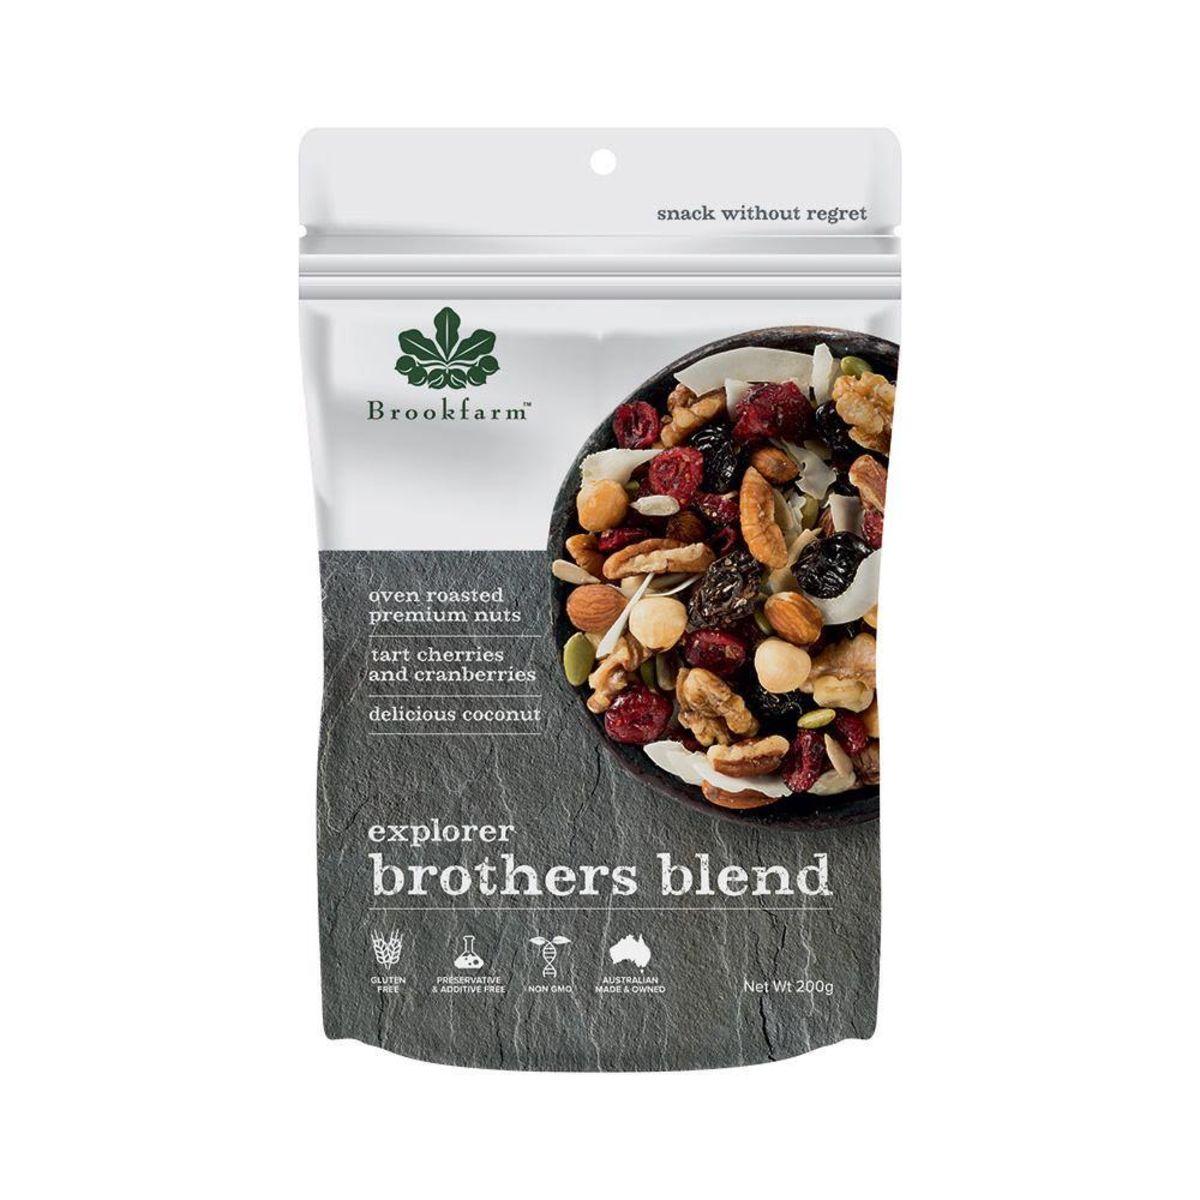 Brookfarm - Brothers Blend - Explorer Mix